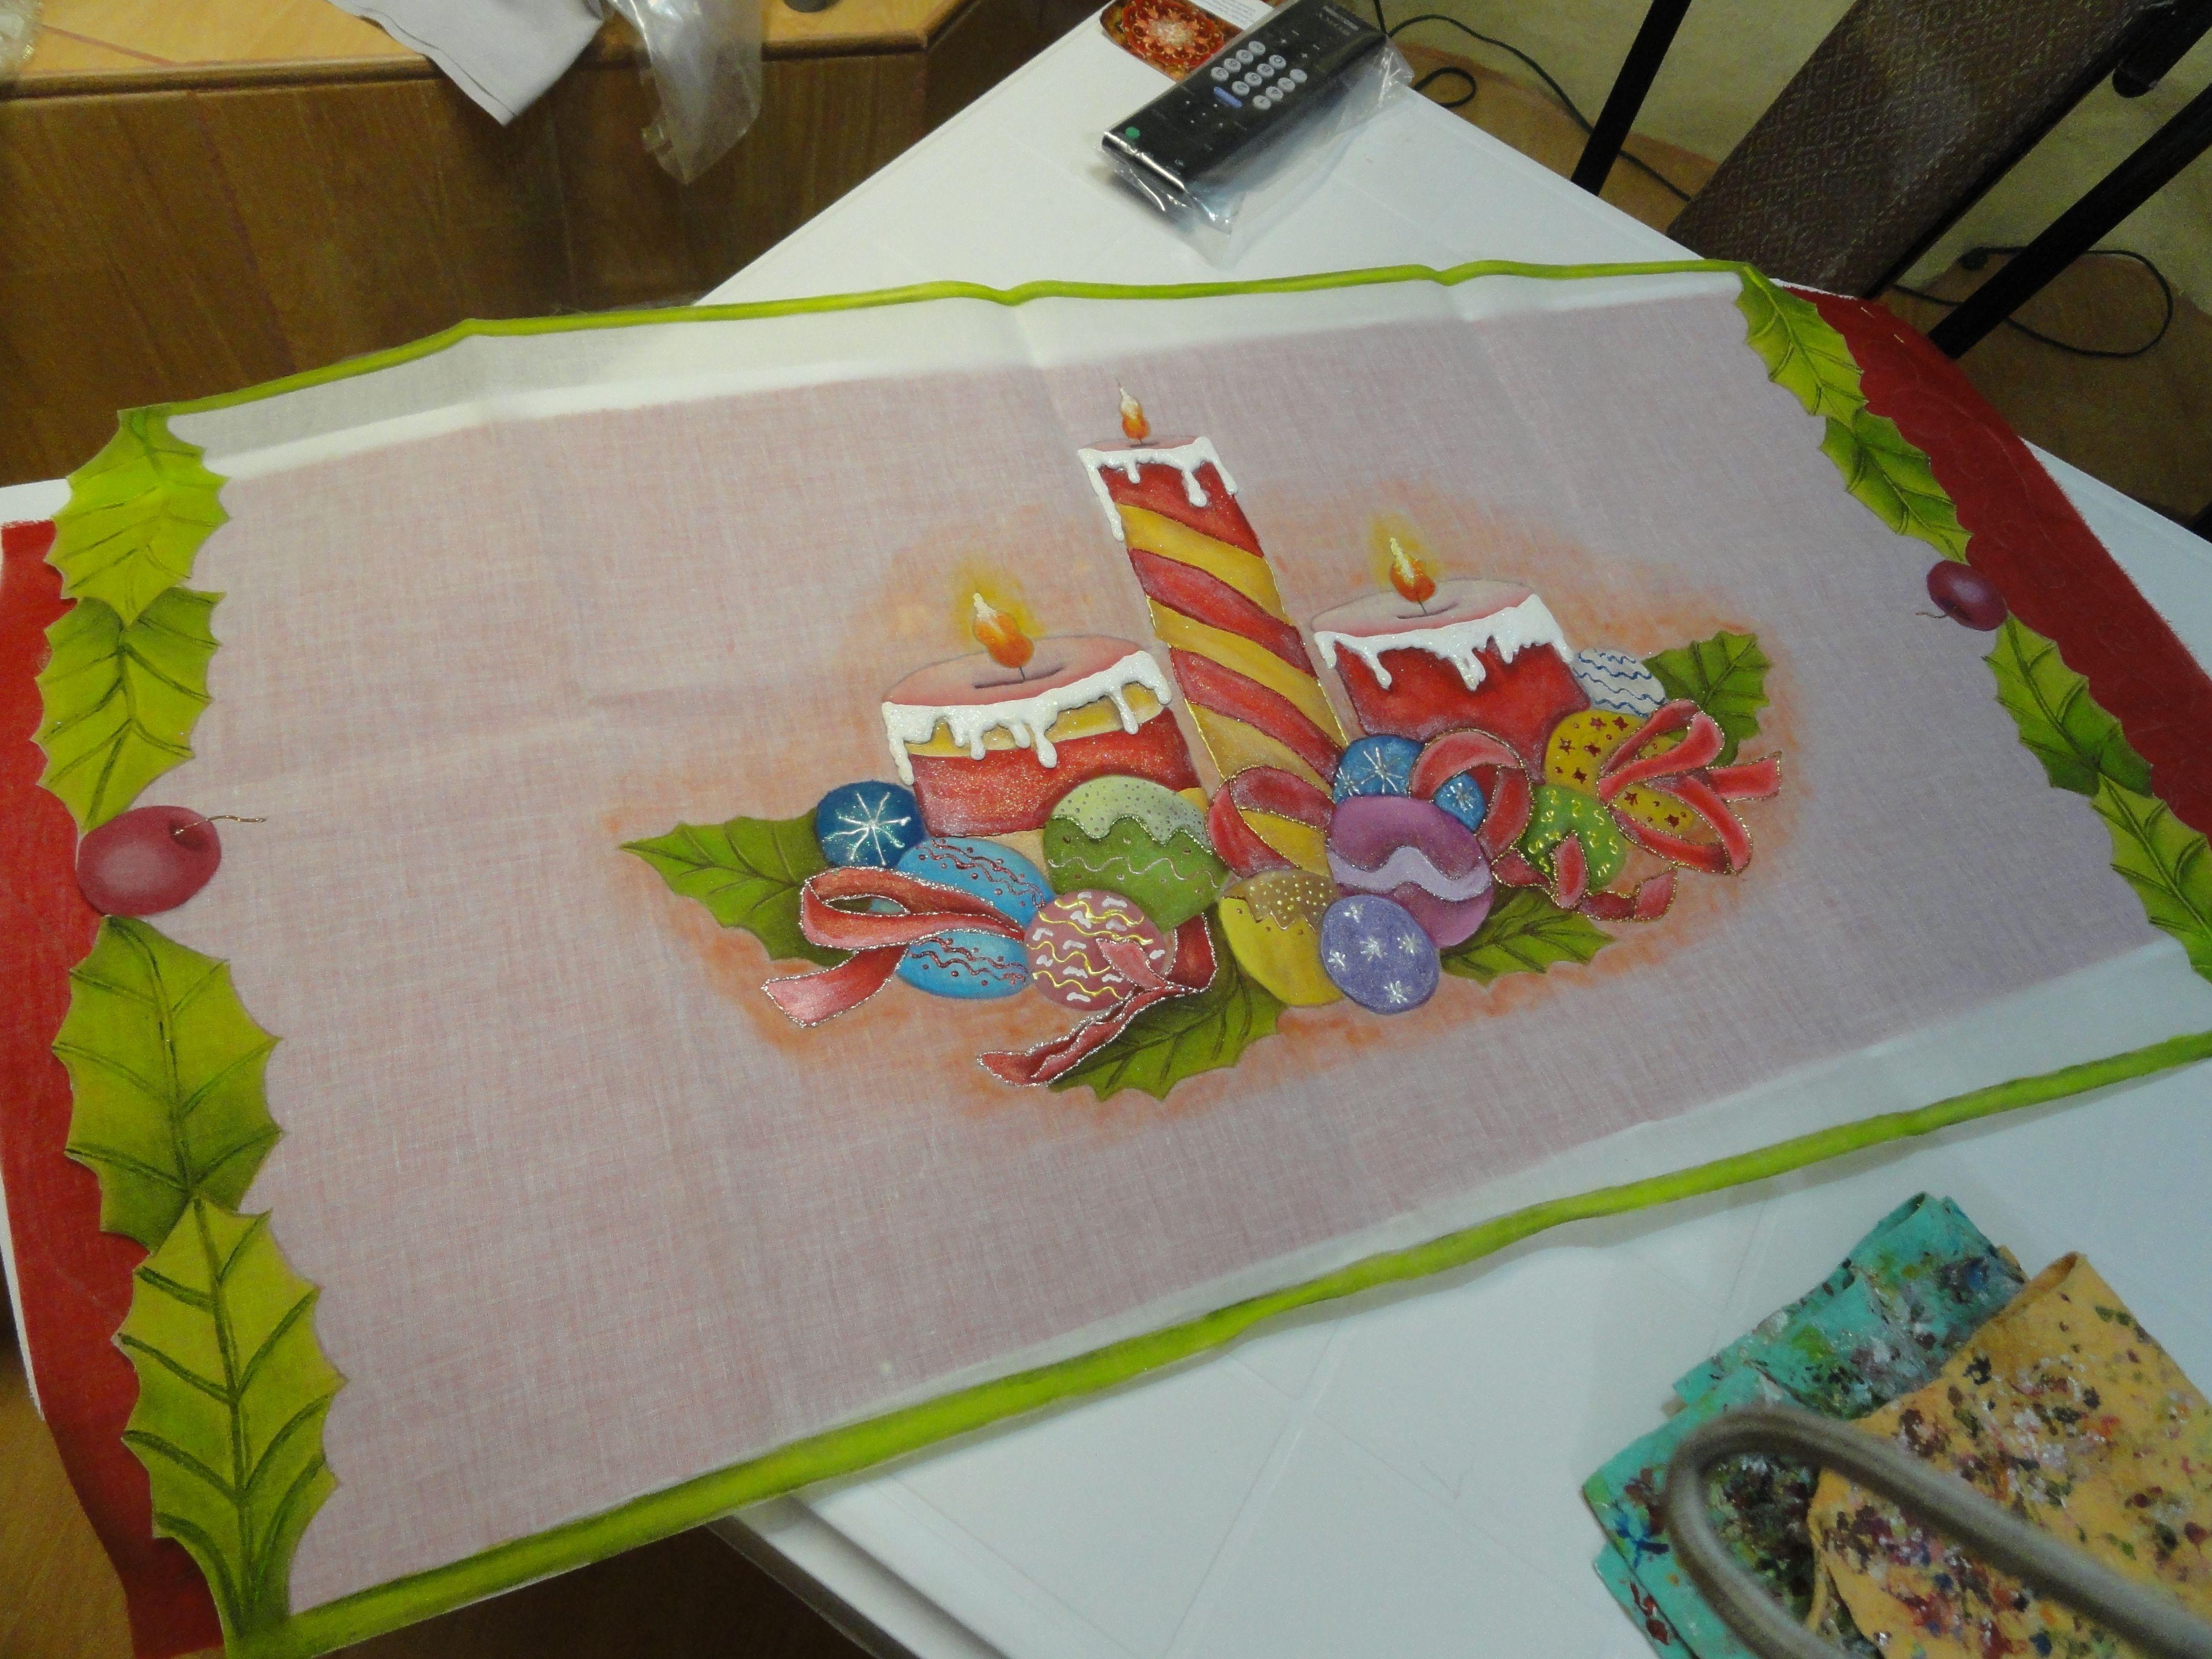 Camino de mesa de vela arte en textil handicraft - Motivos navidenos para pintar en tela ...